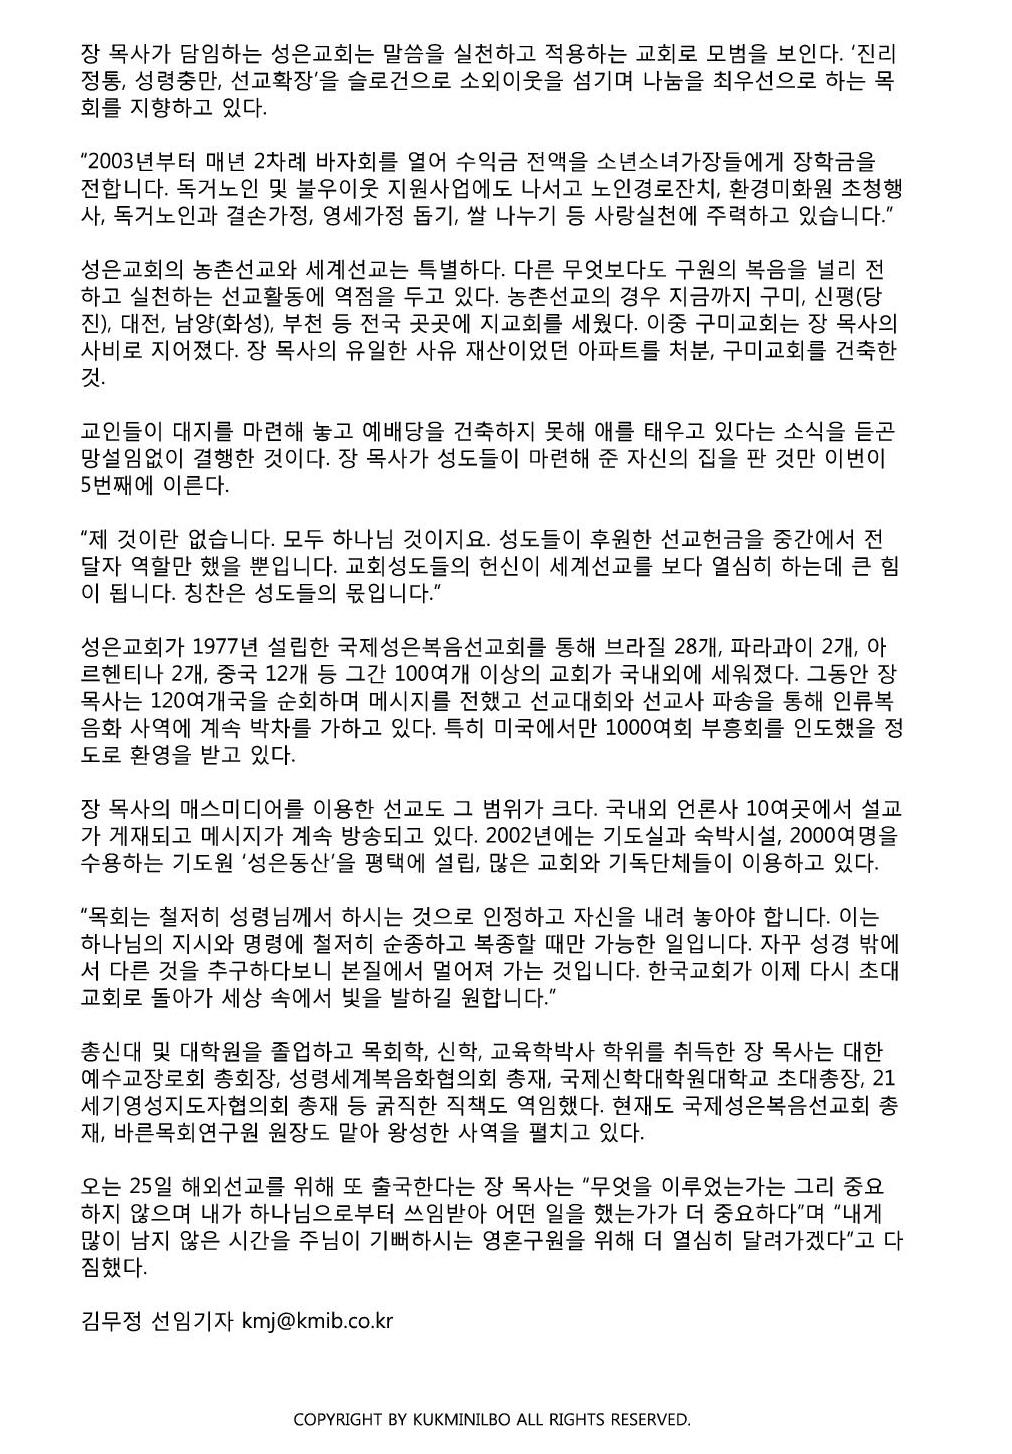 신문기사 3 수정본.jpg